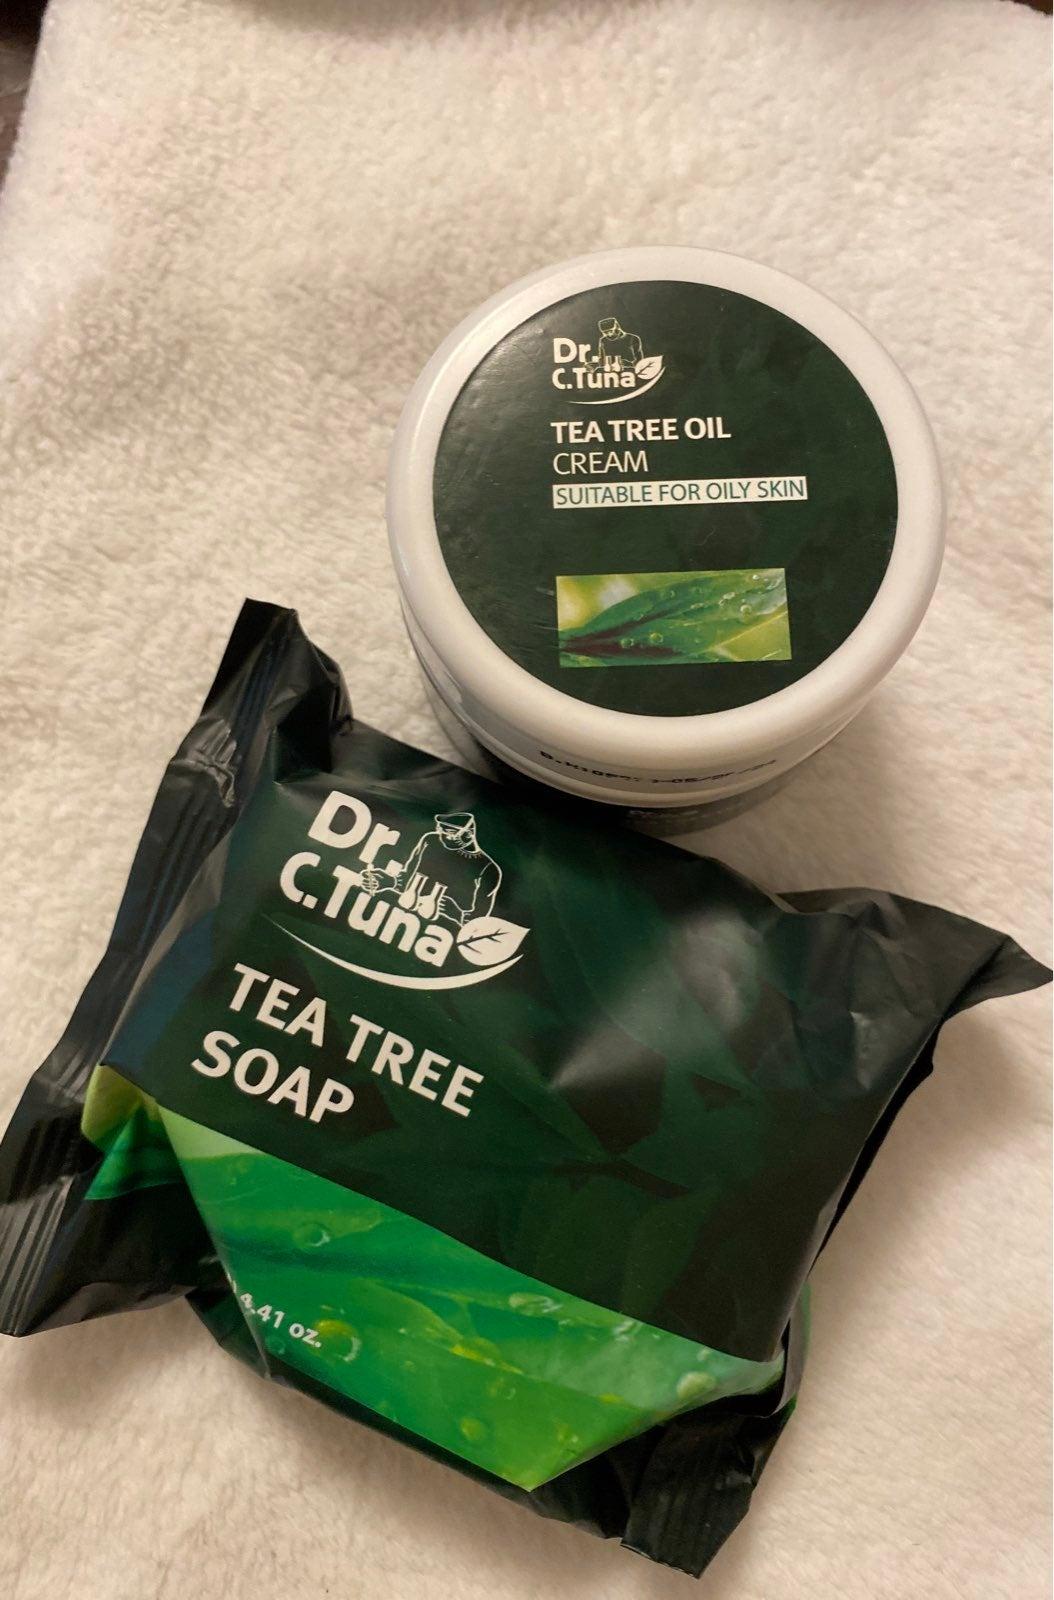 Tea tree bundle